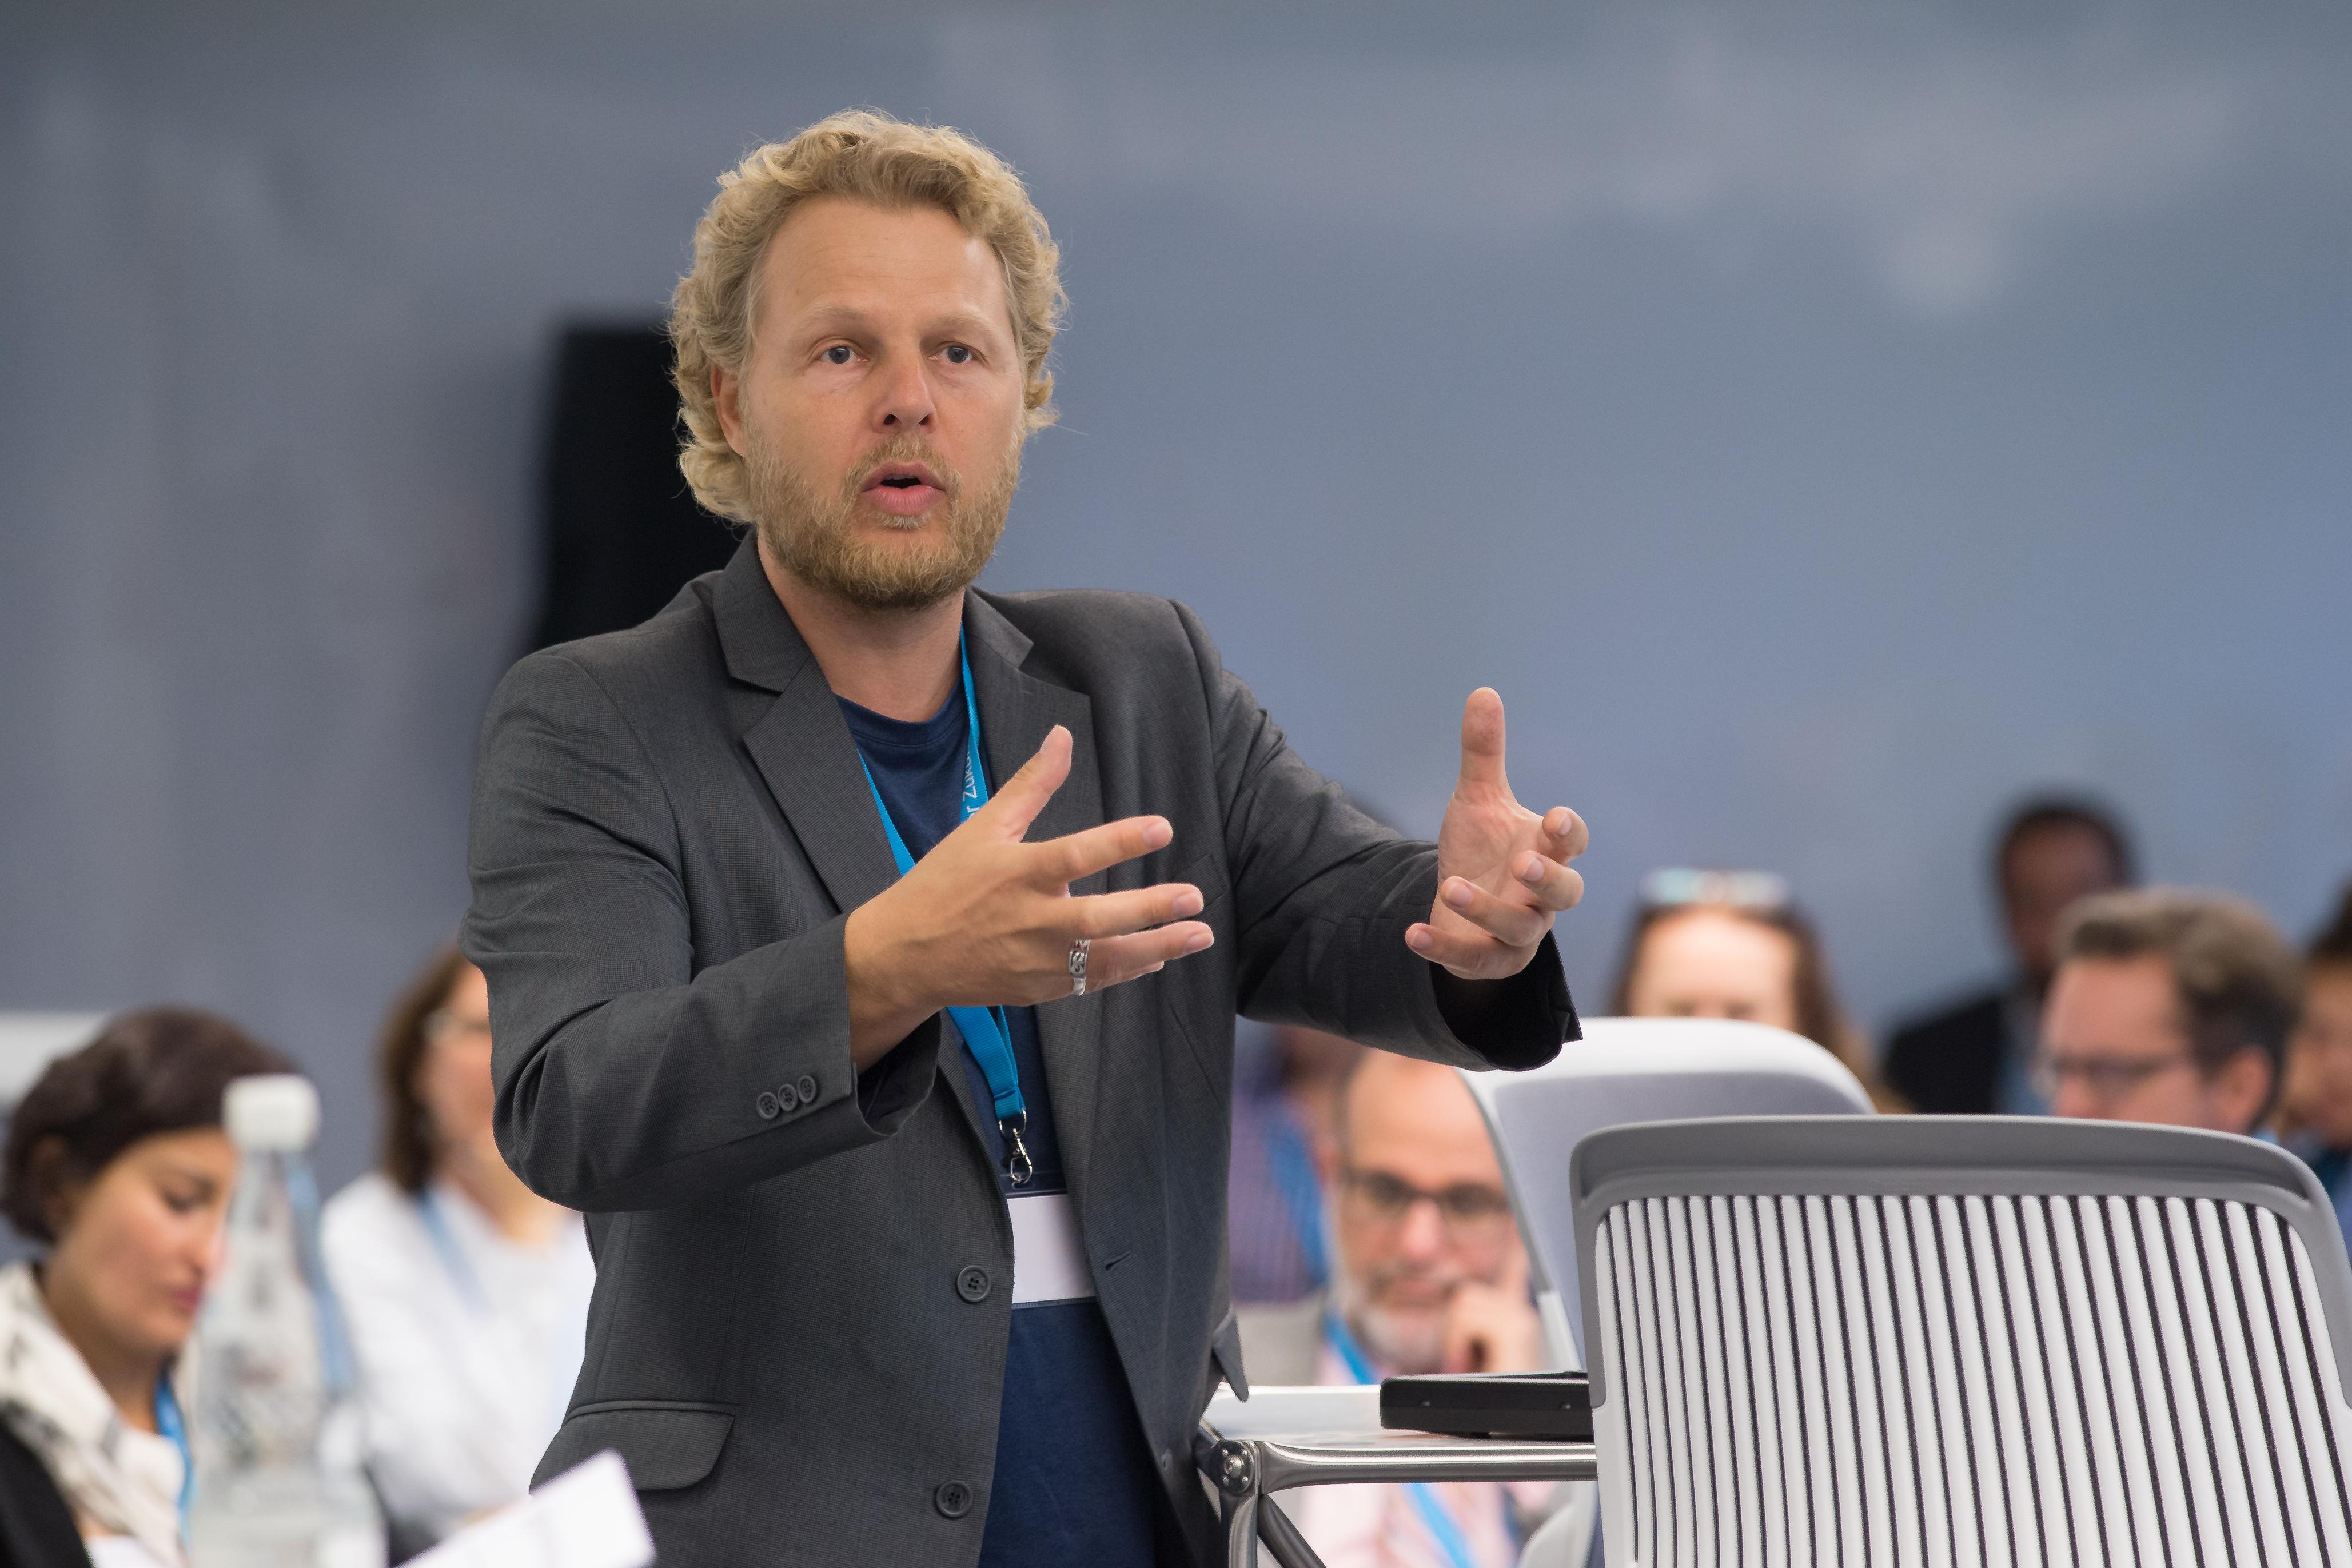 Claus Nygaard - Kreditdagen 2019 - Kreditkonferencen 2019 - Dansk Kredit Råd - Ernst & Young